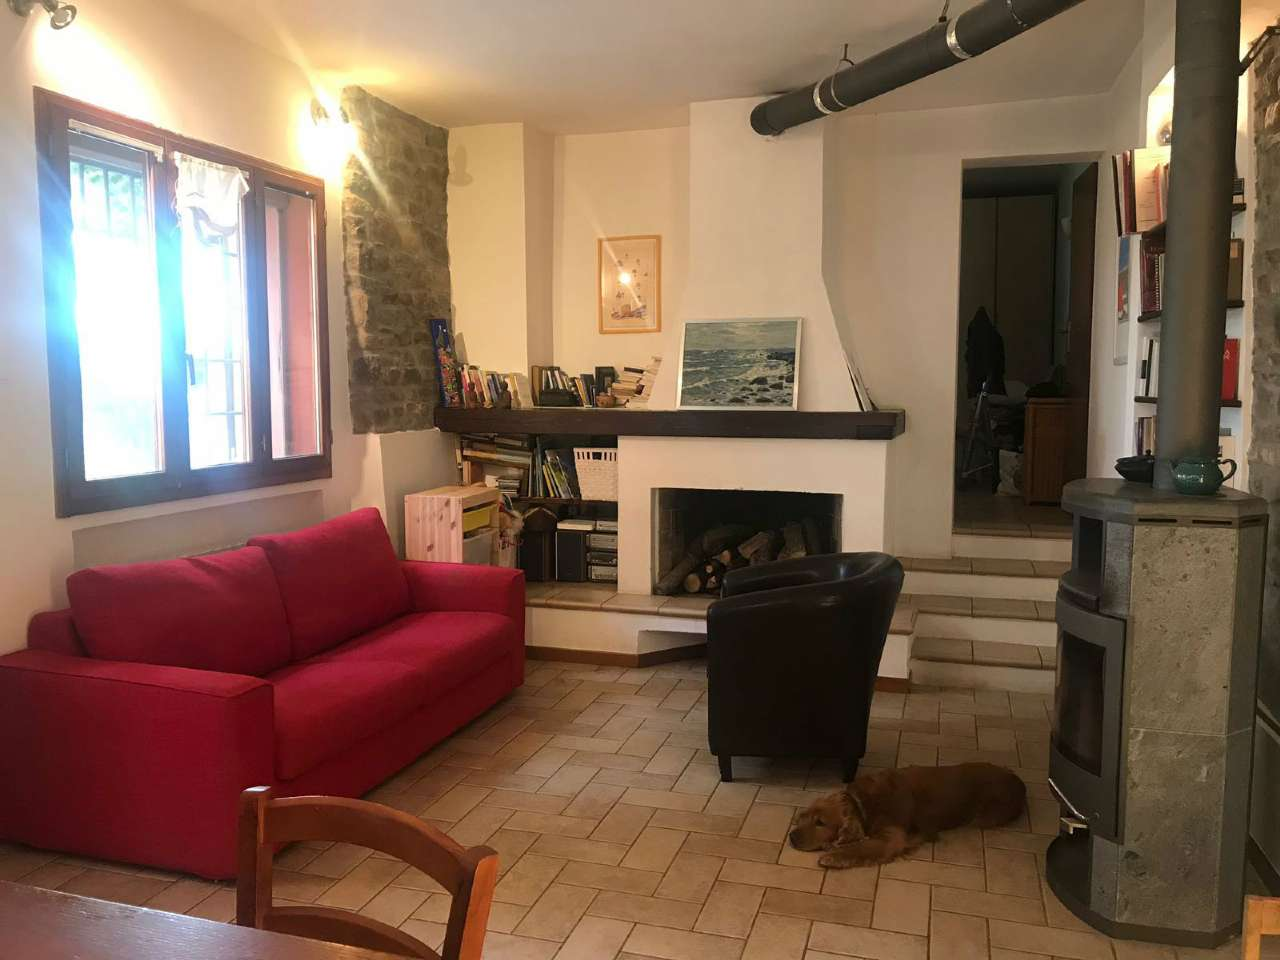 Appartamento in vendita 4 vani 86 mq.  via di sabbiuno Bologna